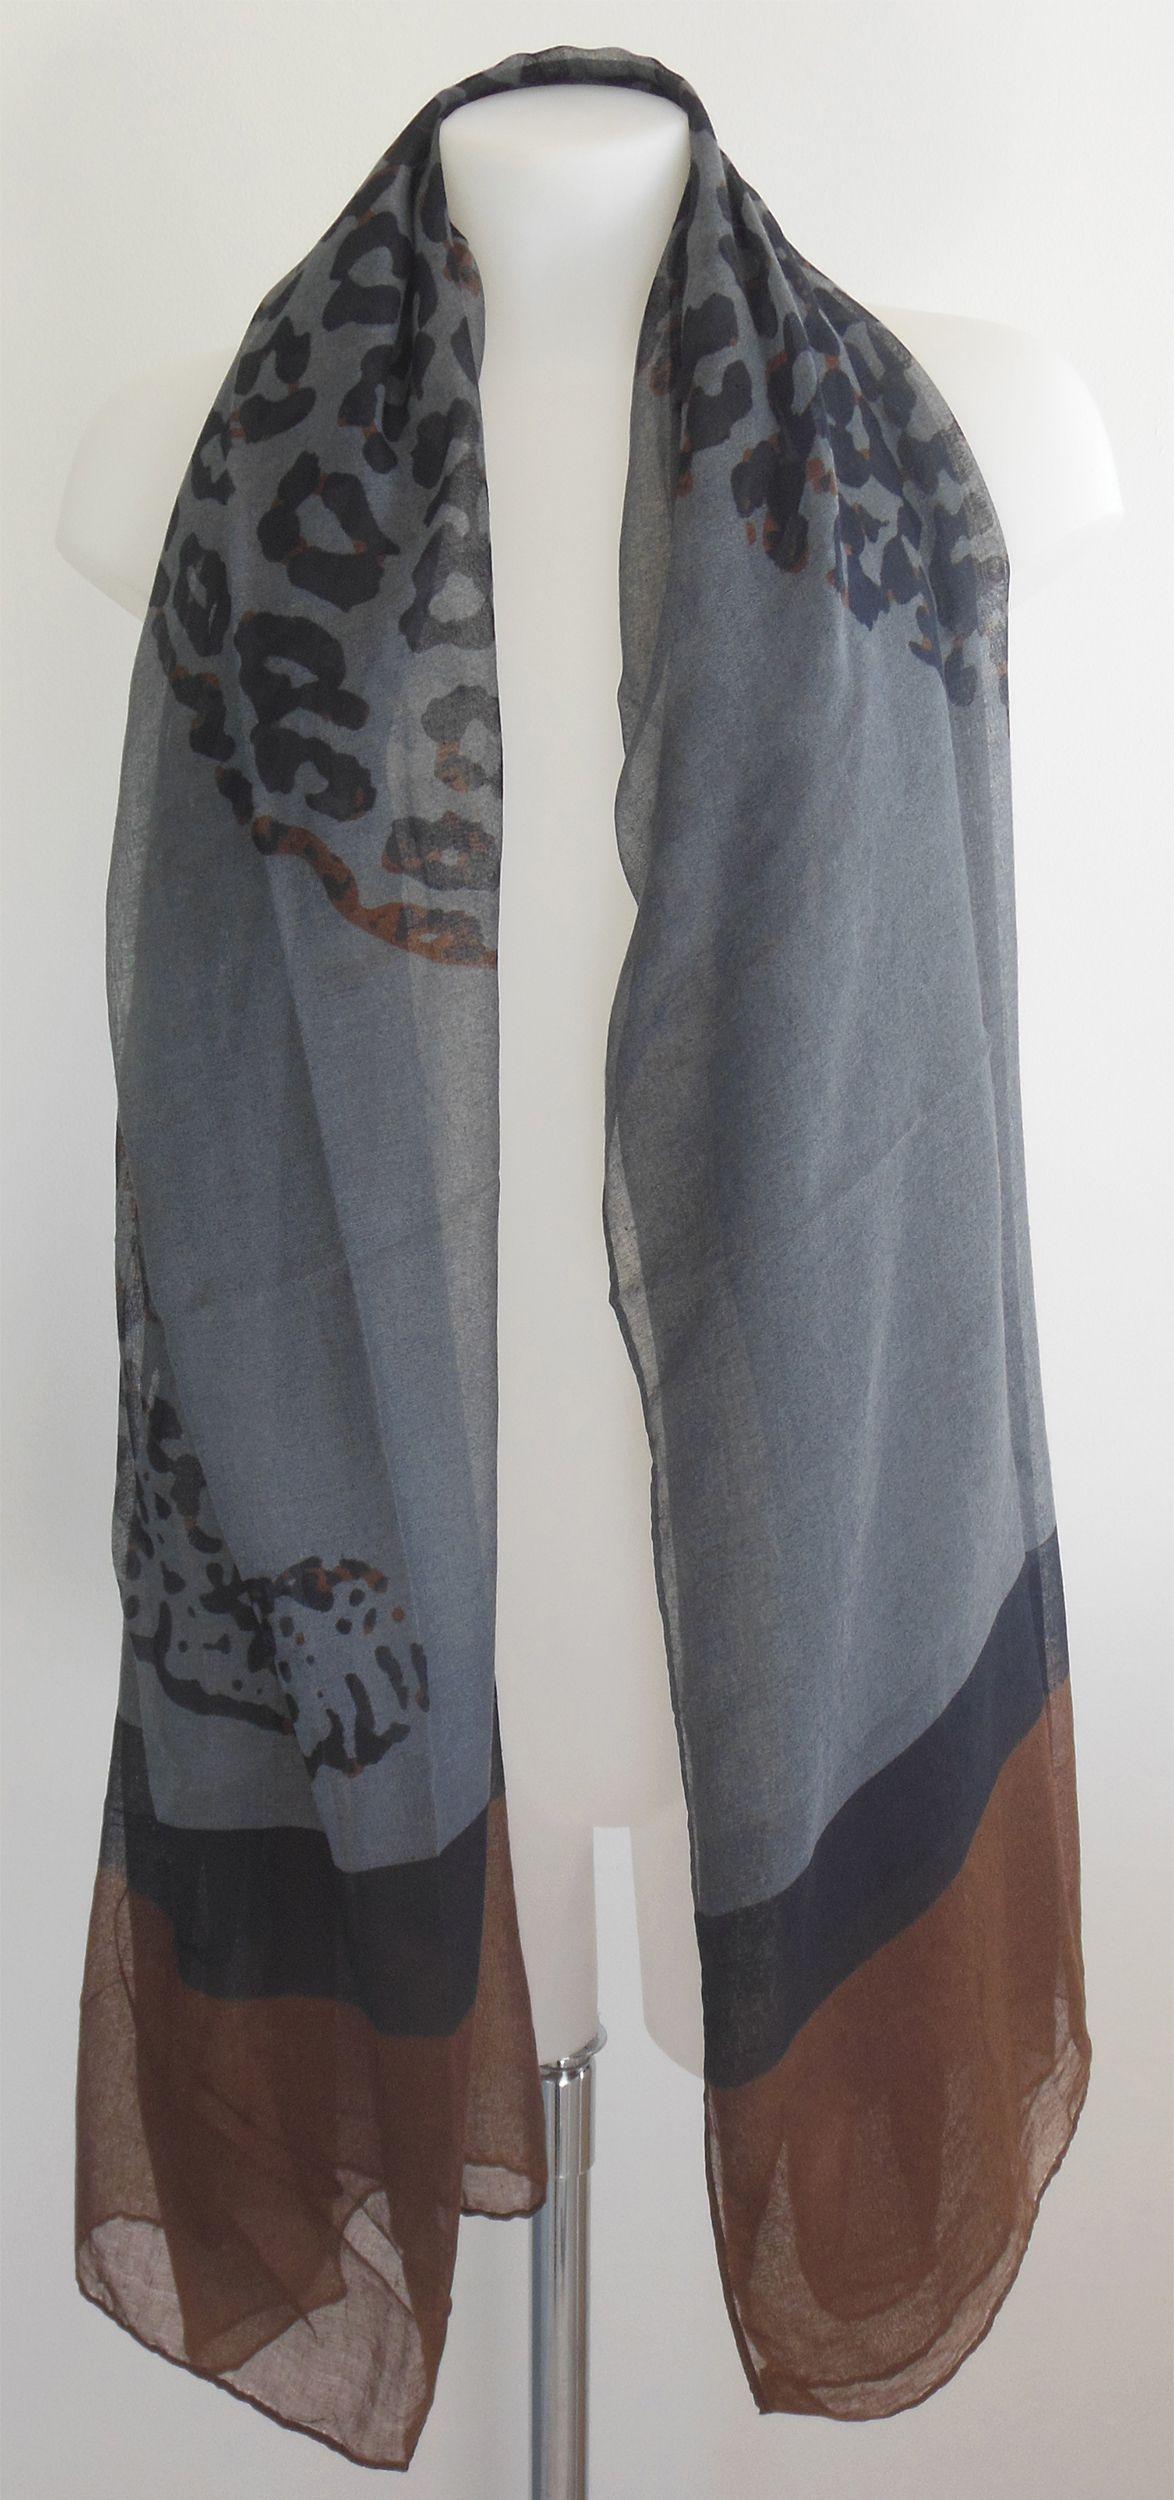 6a5aaa89461 Épinglé par Milena Moda bijoux et accessoires tendance sur Foulards